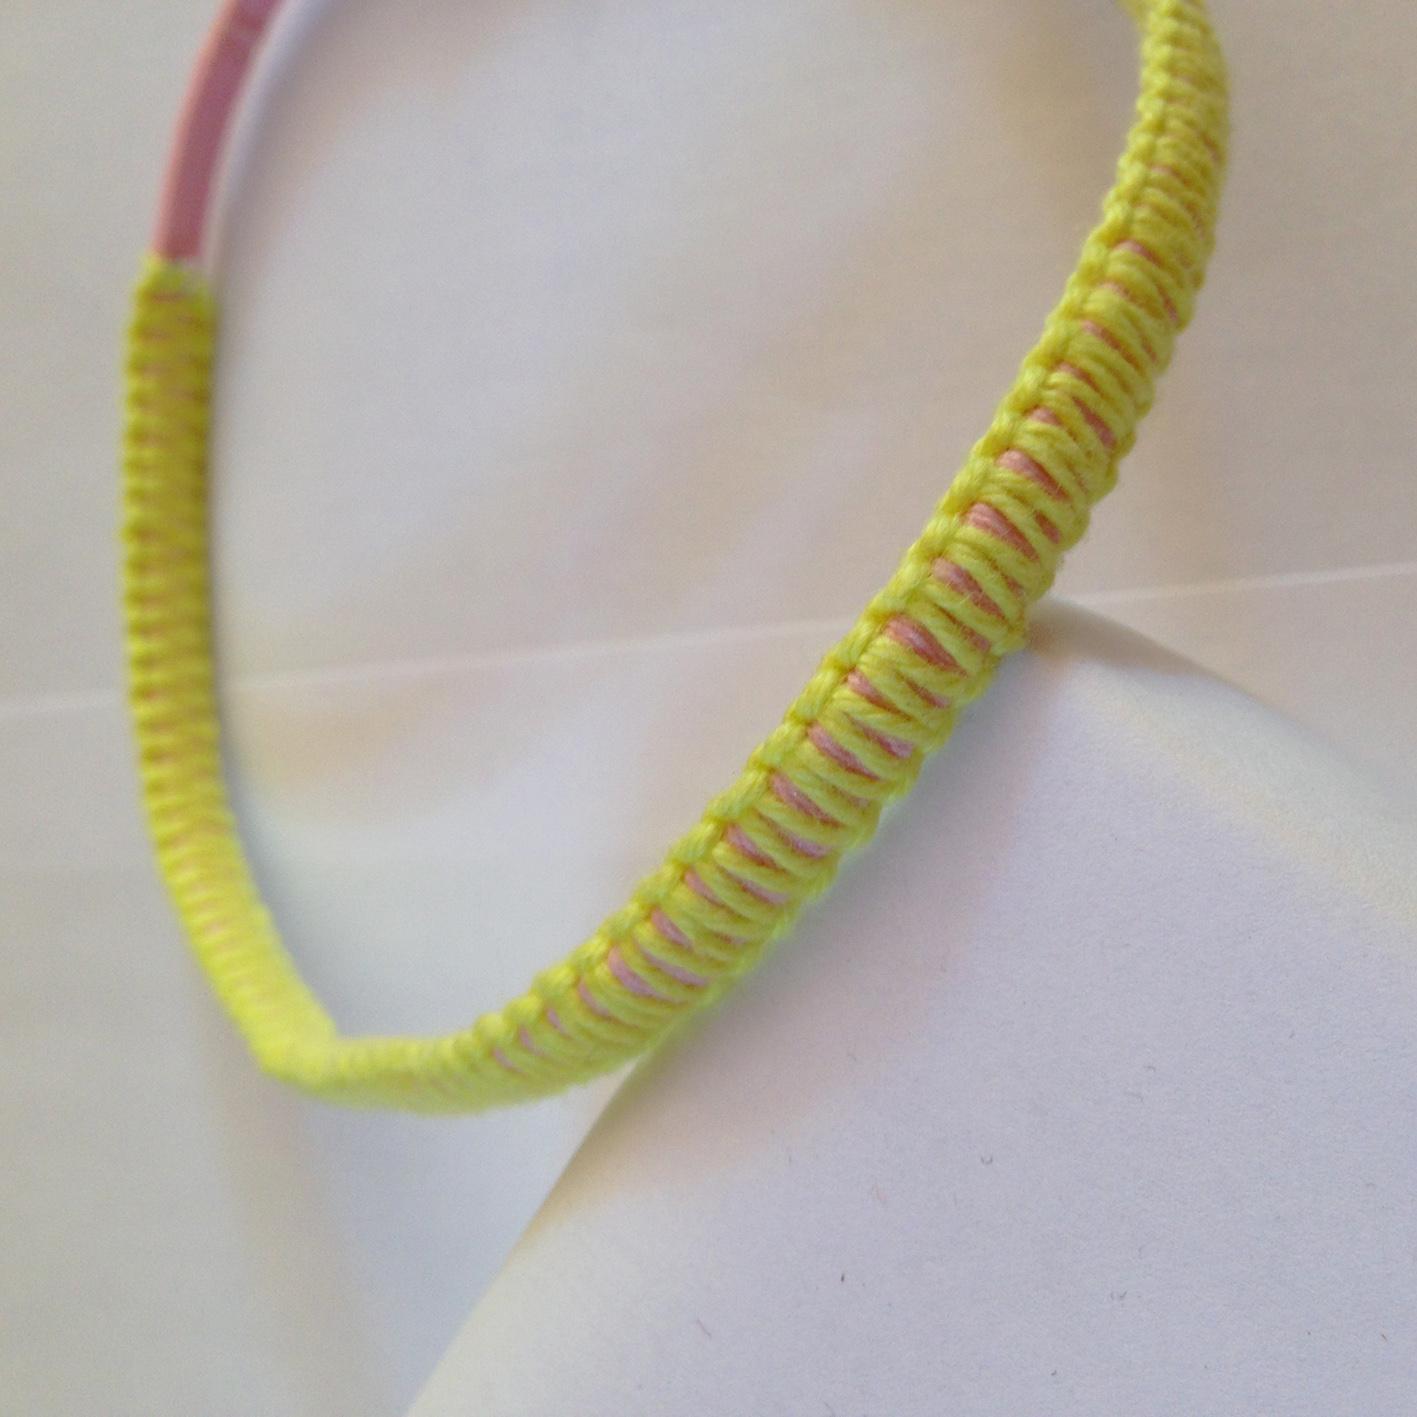 Headband-cheveux-bijoux-accessoire-coton-achat-vente-fait main-macramé